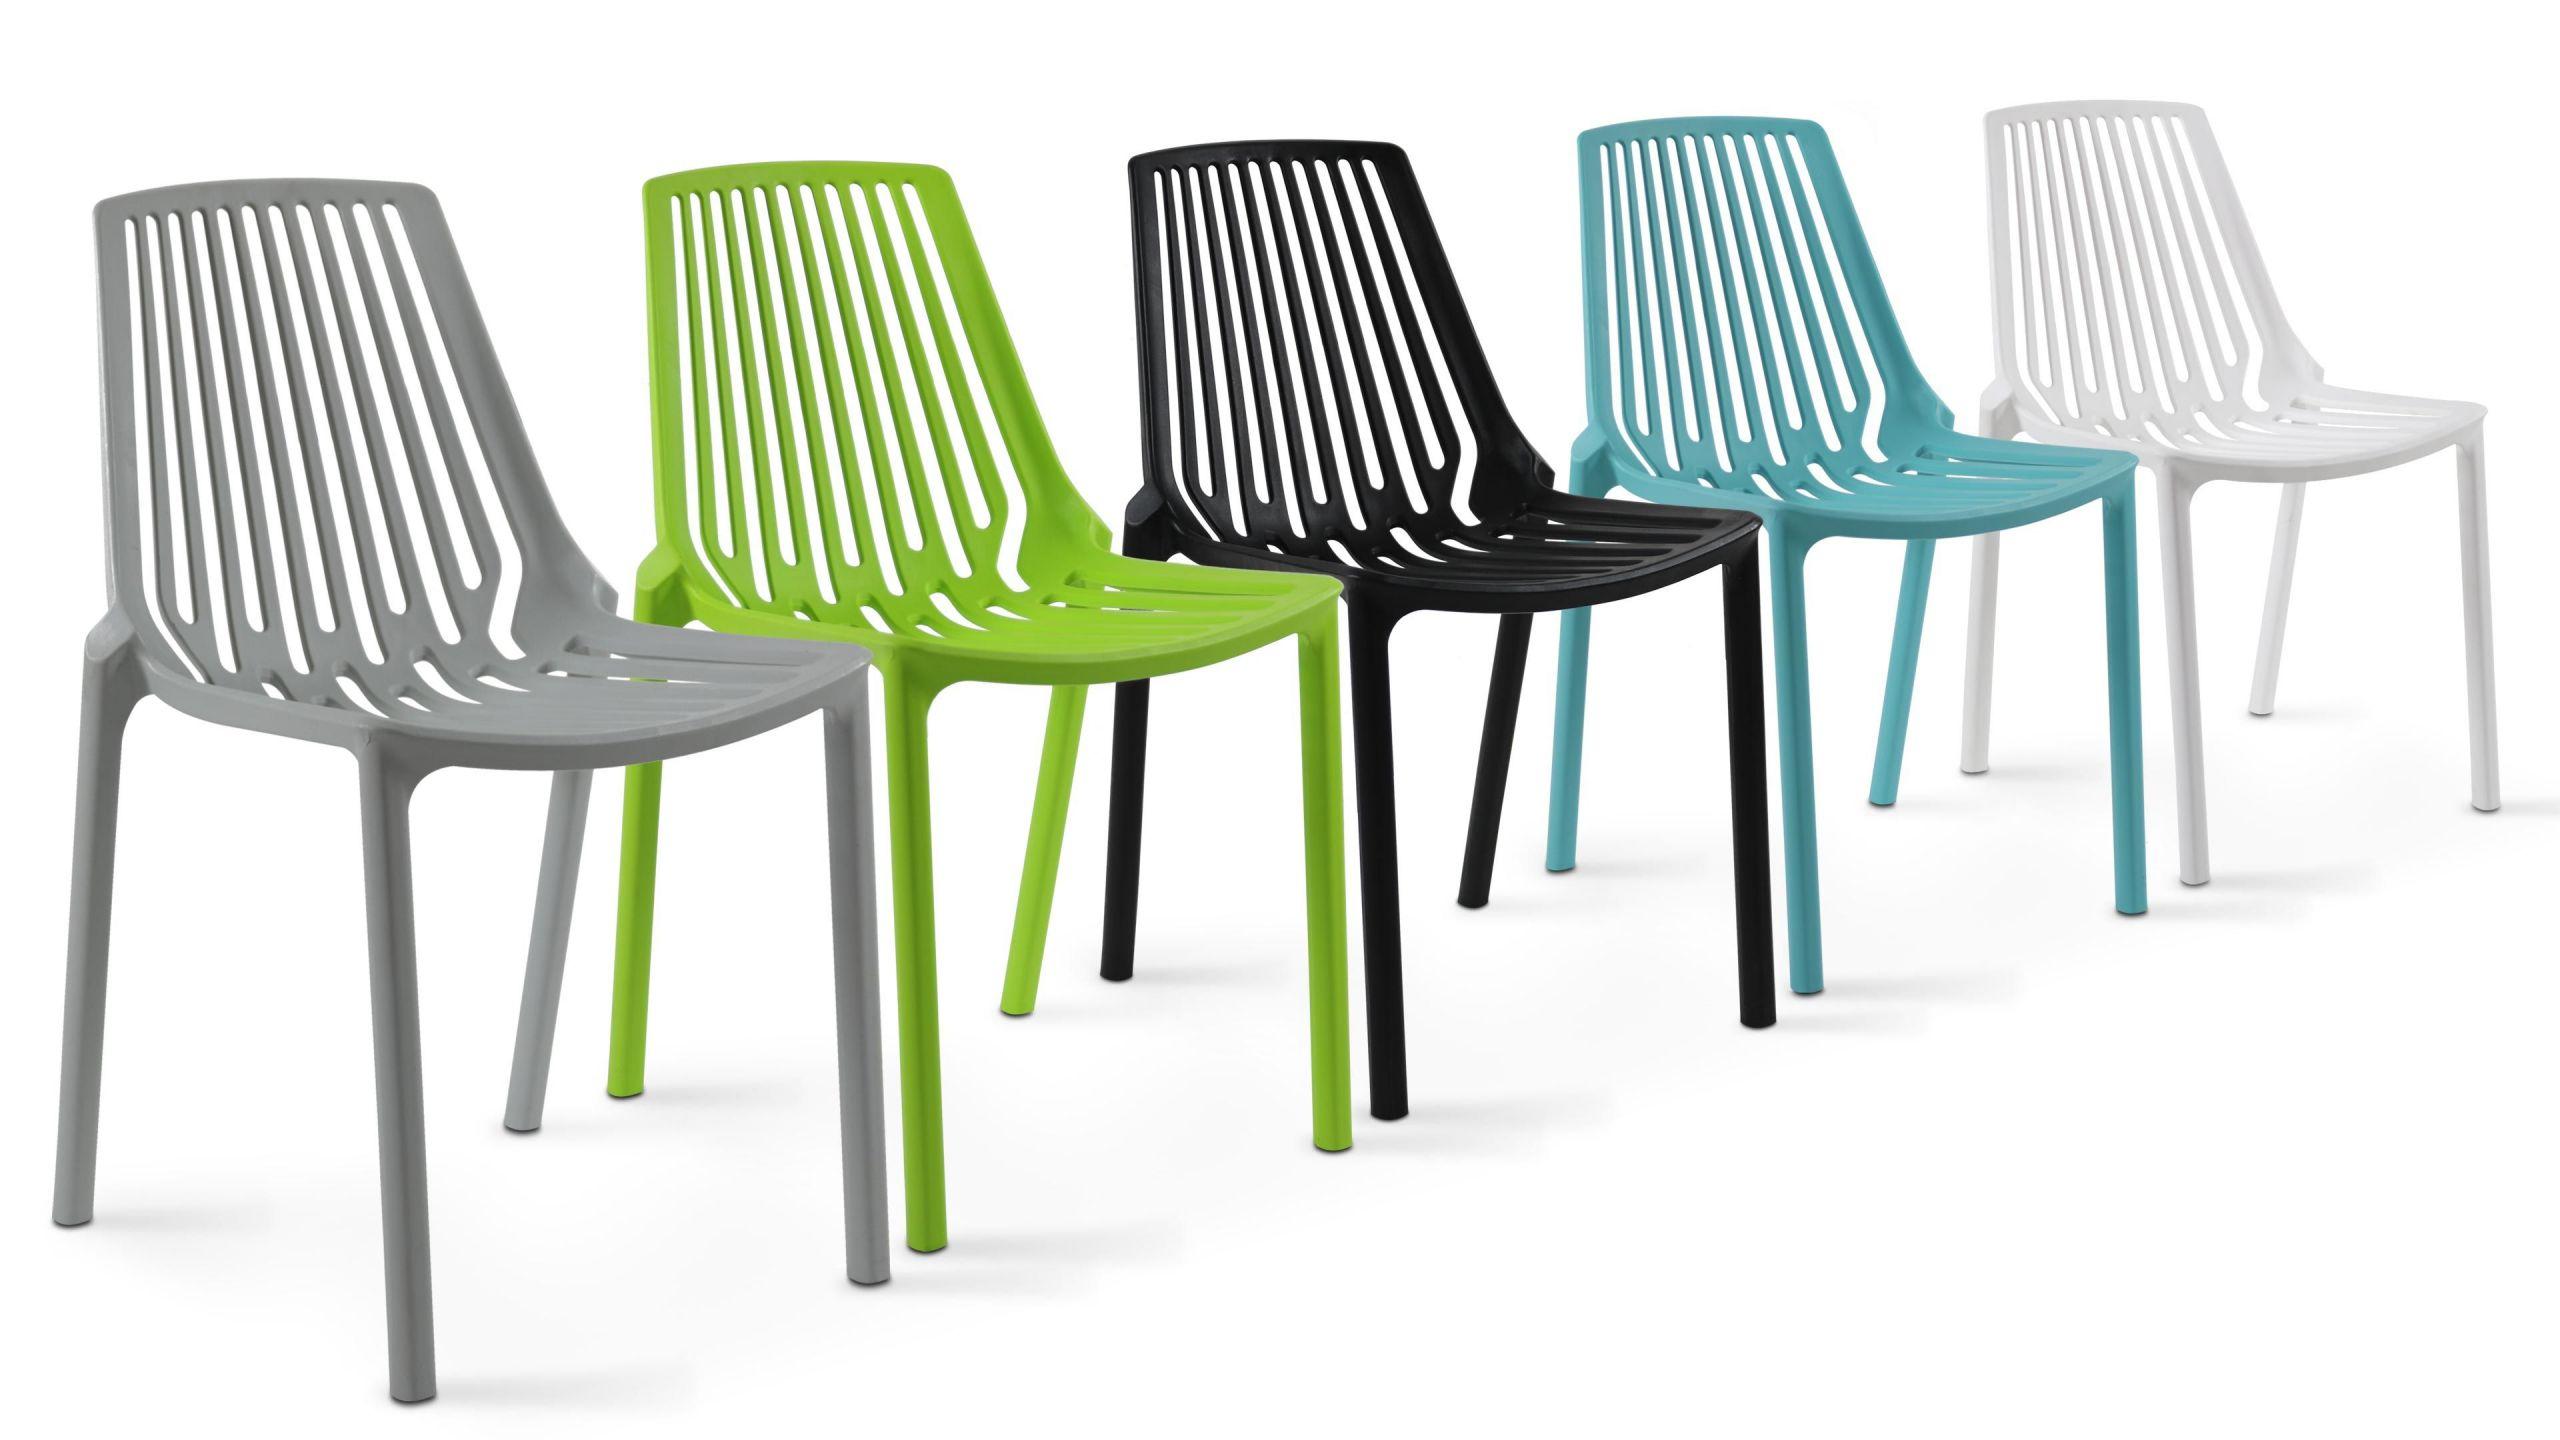 Table De Jardin Avec Chaise Pas Cher Conception - Idees ... concernant Chaise De Jardin Pas Chere